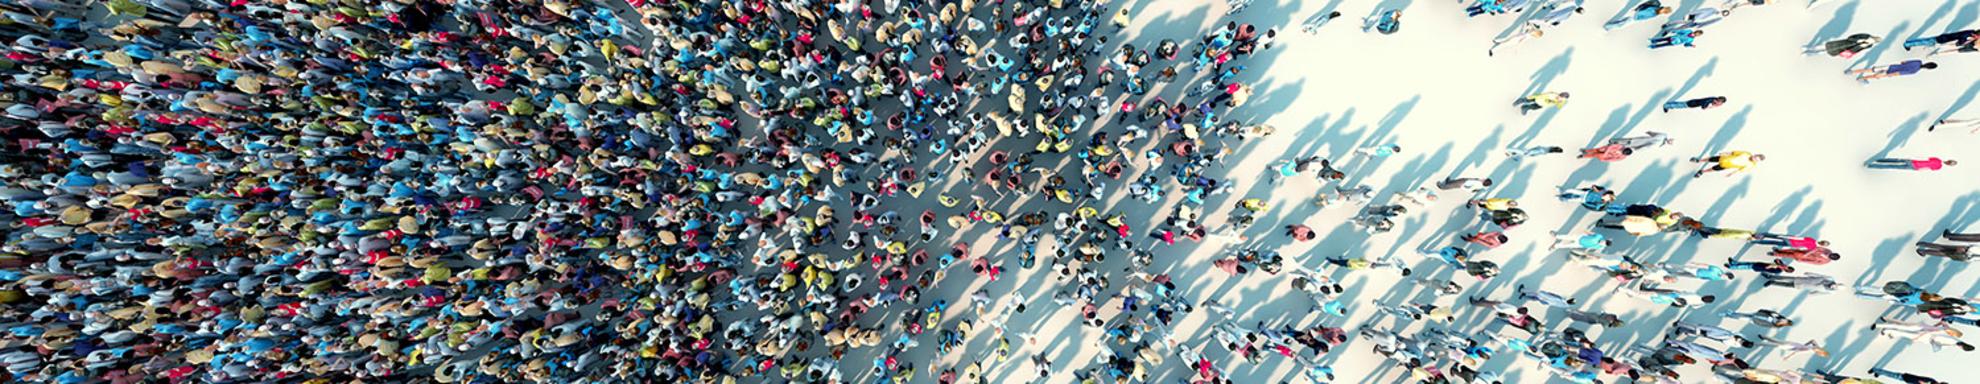 S&O - Inclusive economy - lead picture